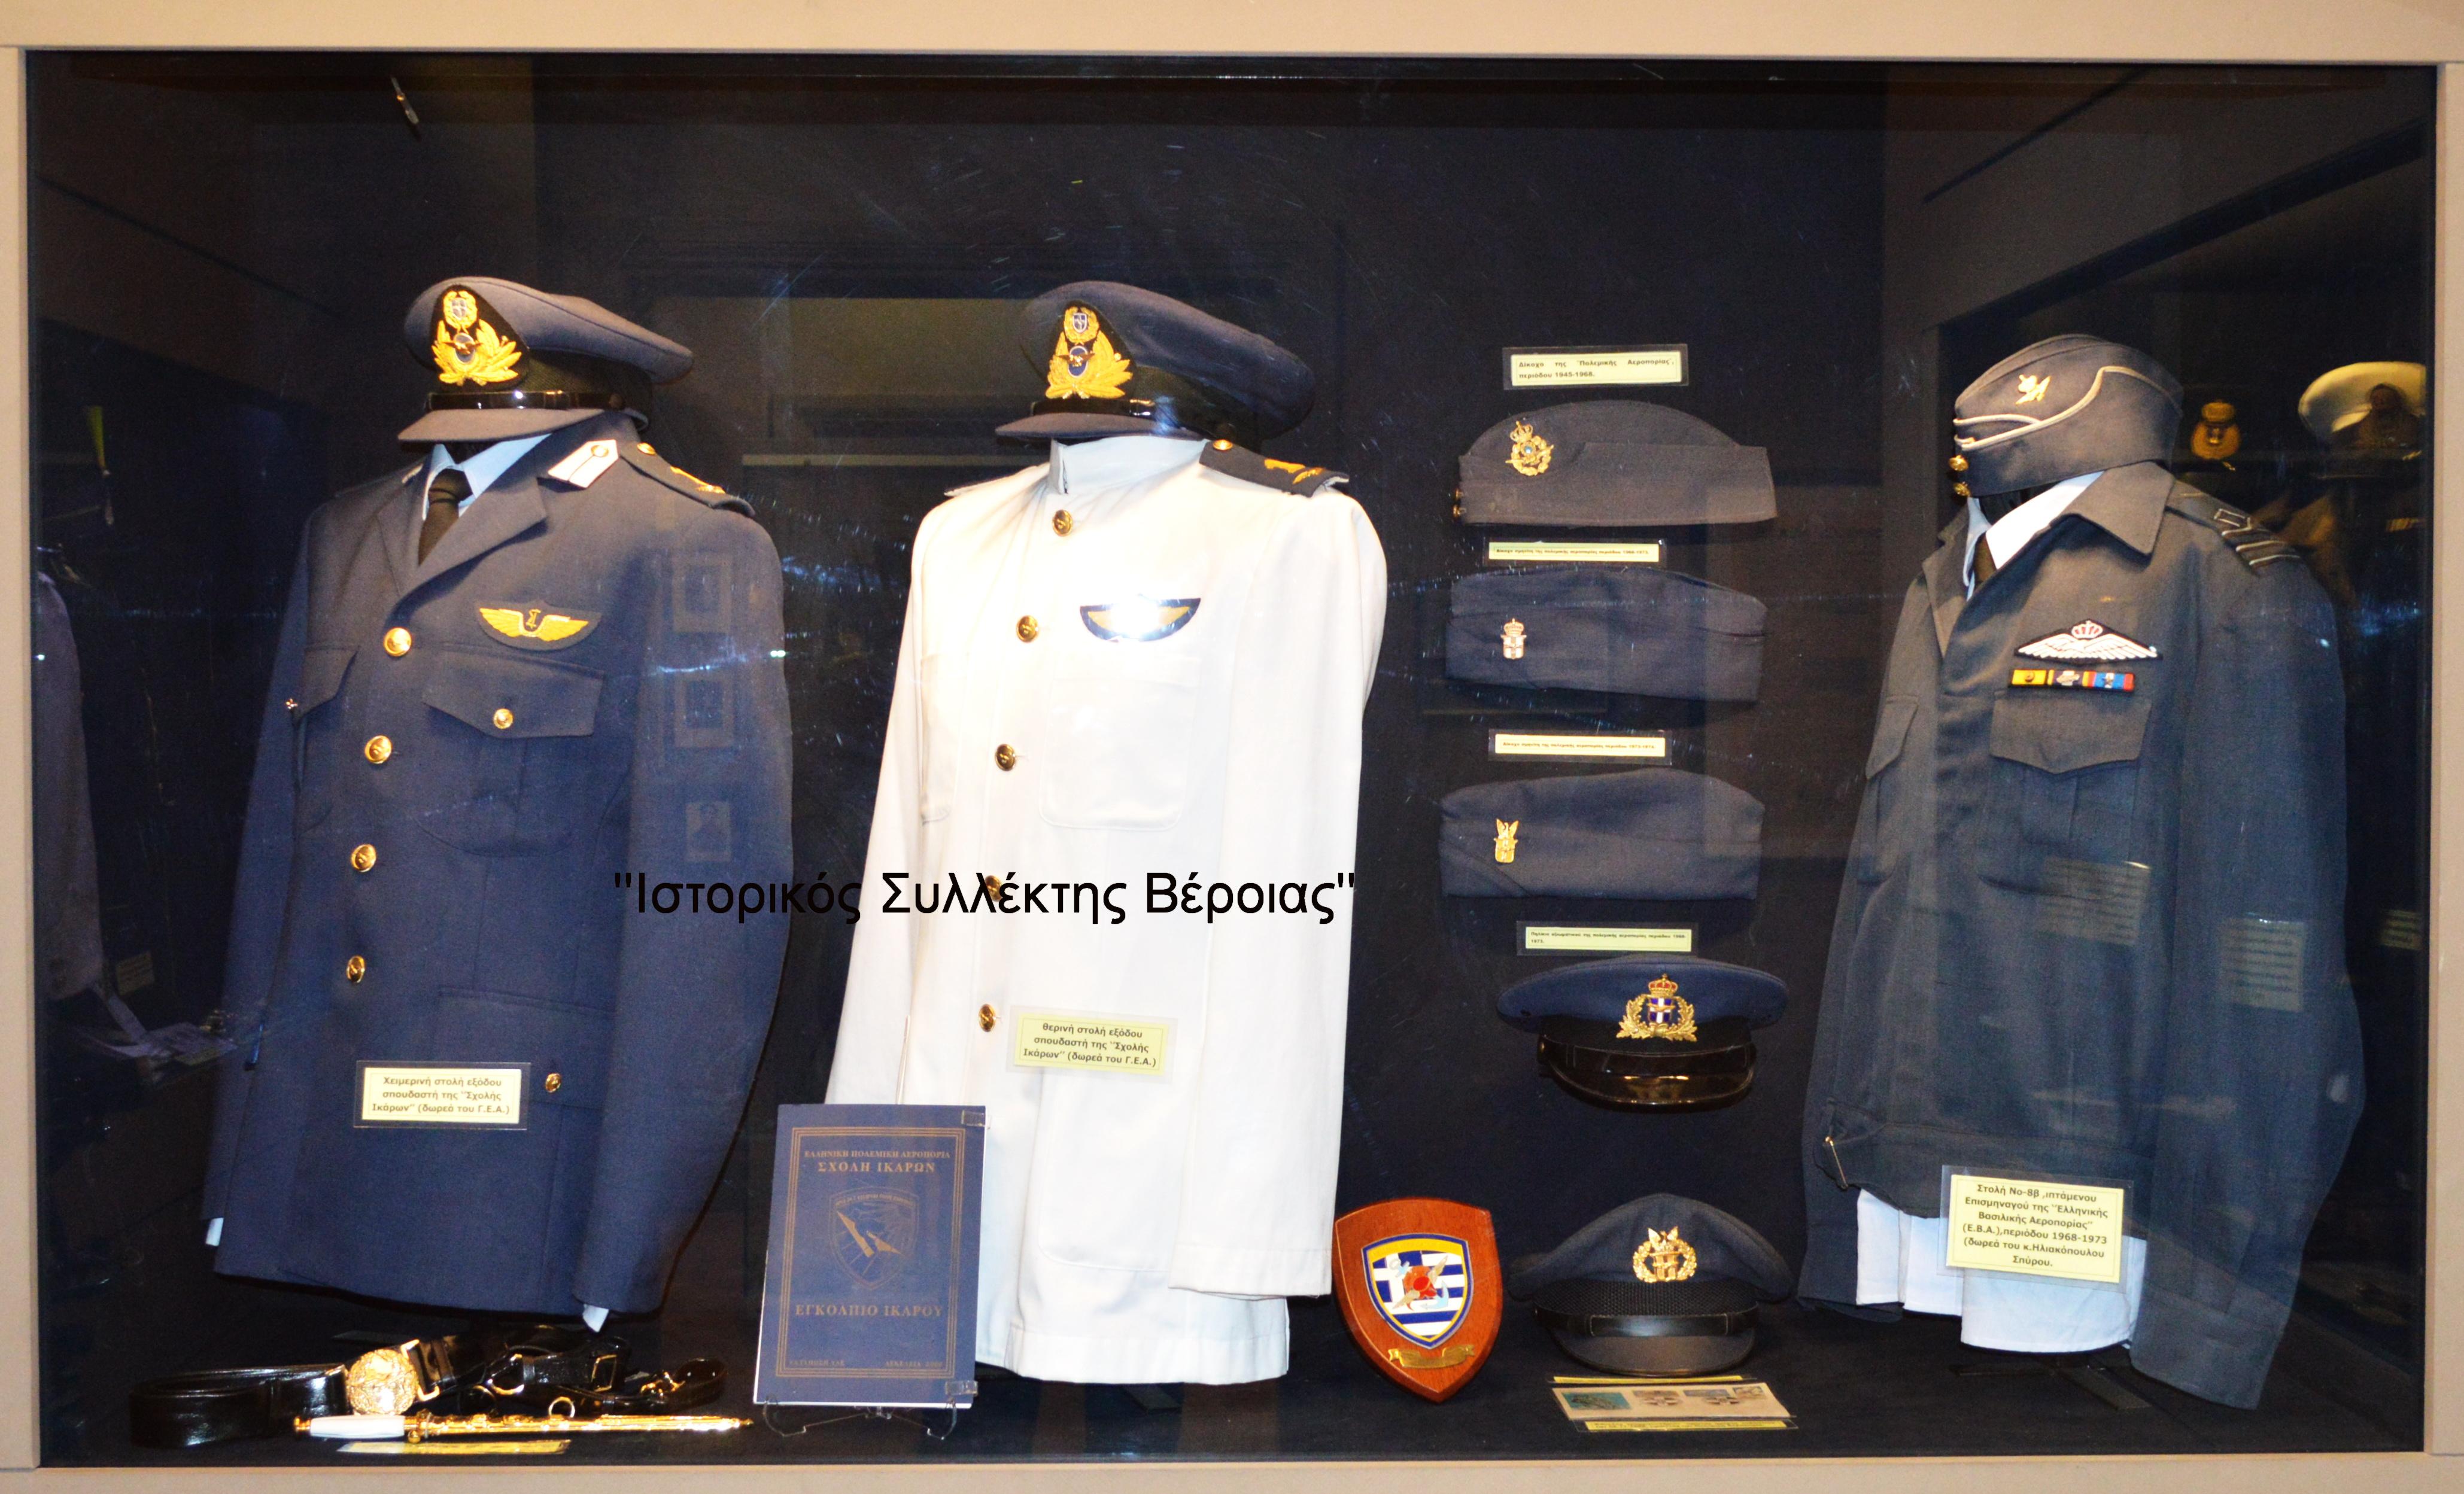 Μερική άποψη από την βιτρίνα με στολές της Ελληνικής Πολεμικής Αεροπορίας στο ''Βλαχογιάννειο'' μουσείο Βέροιας